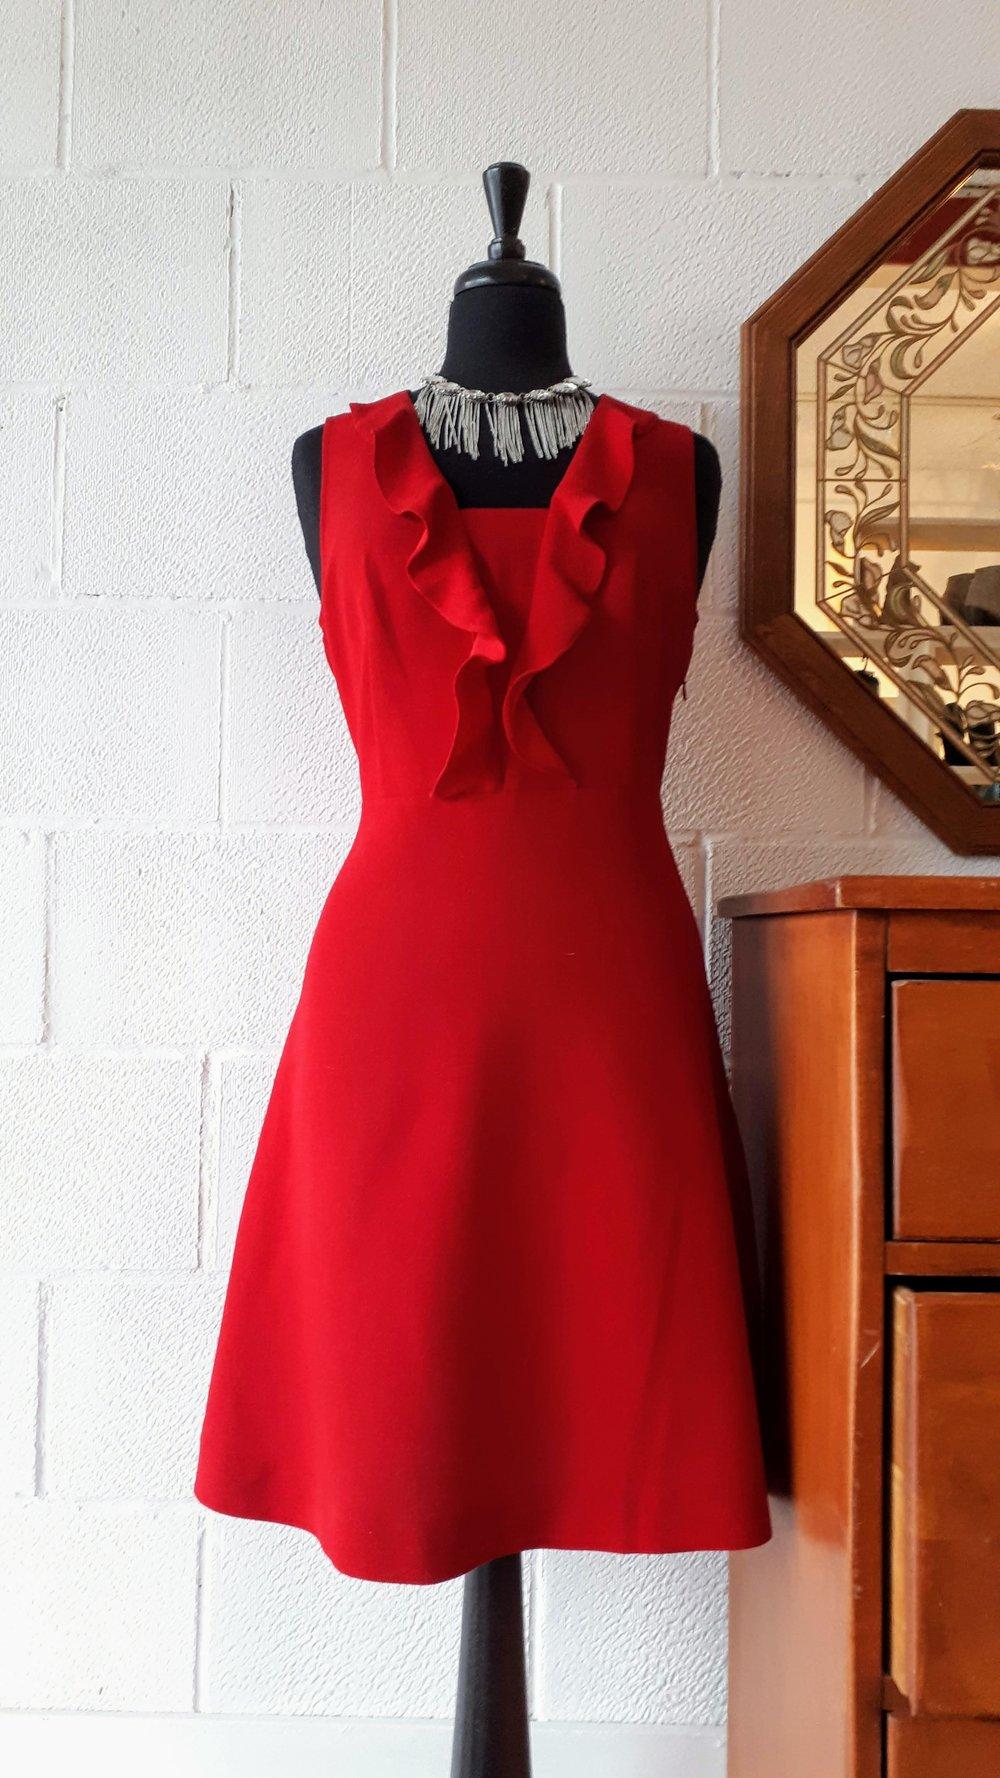 RW & Co. dress (NWT); Size 10, $38